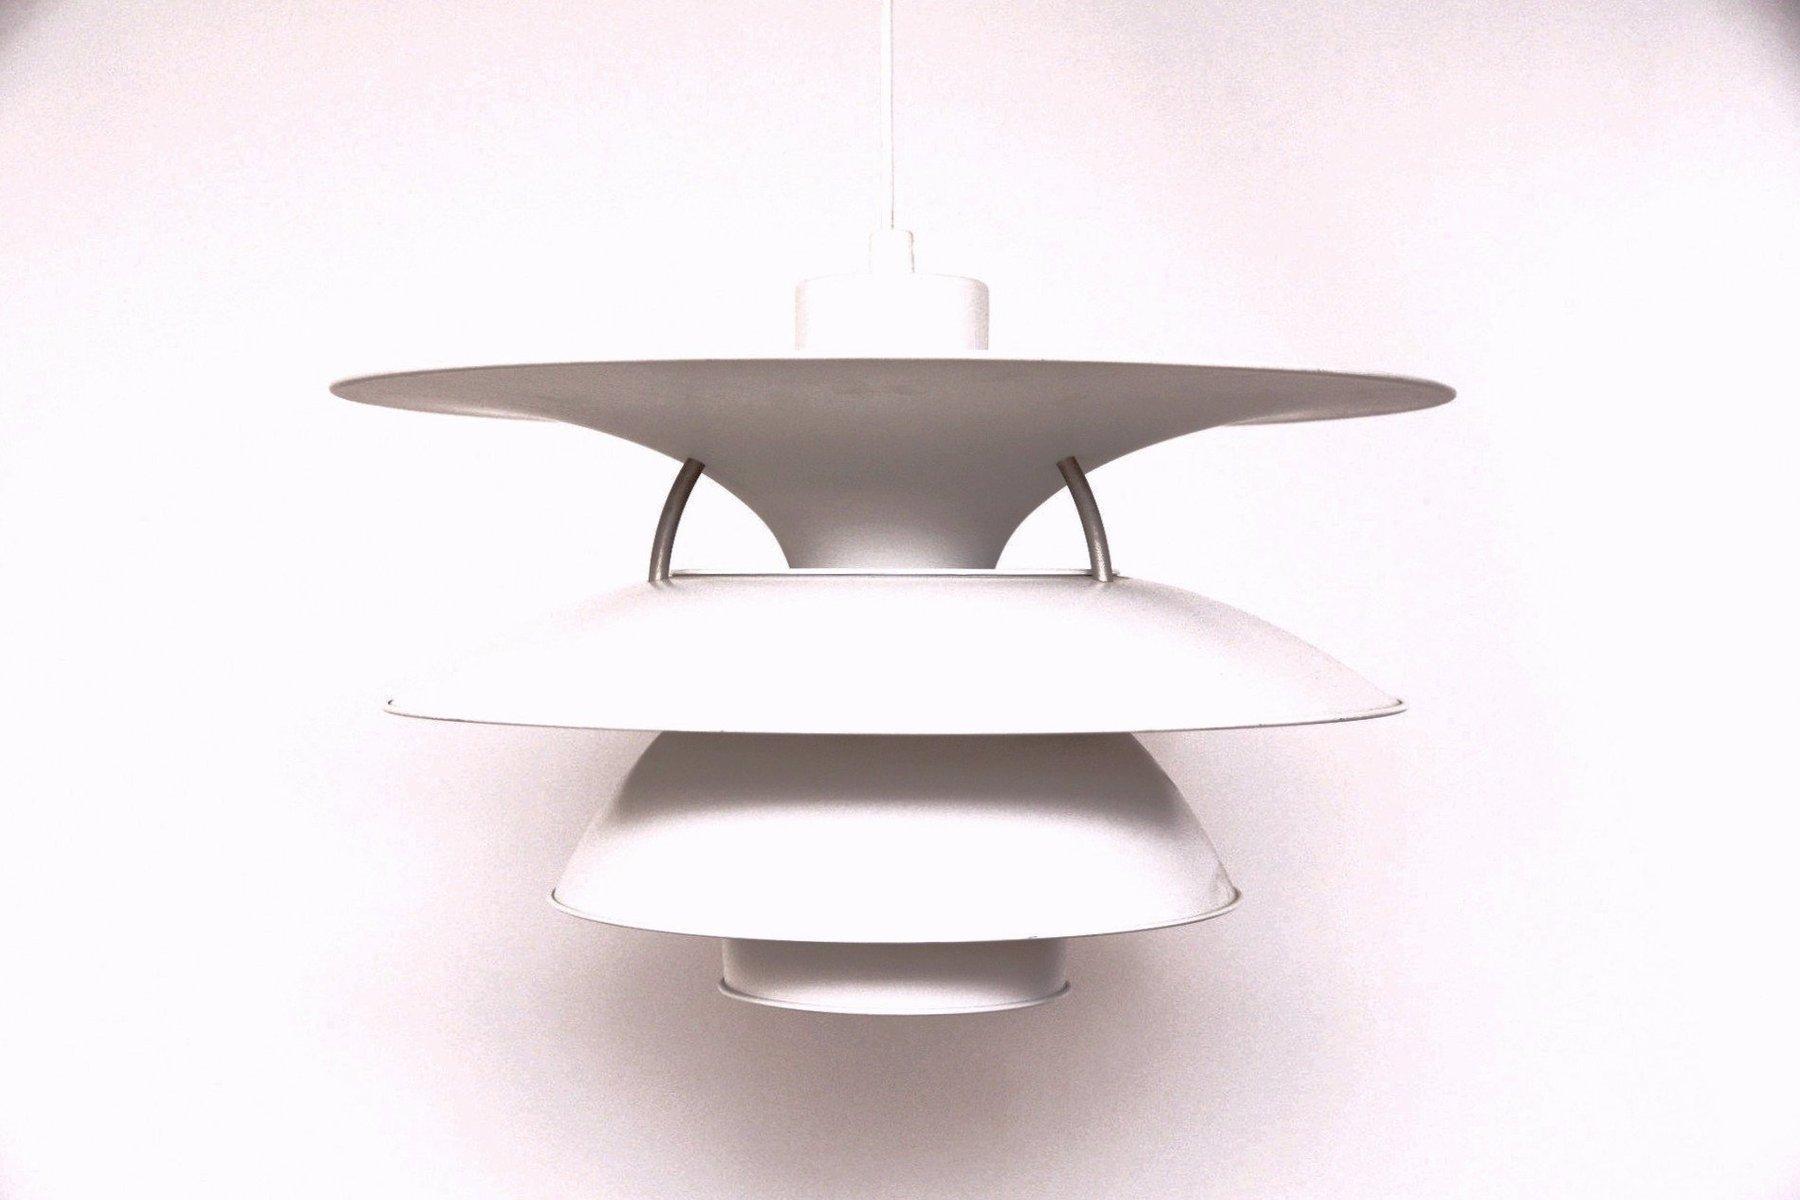 charlottenborg-lampe-von-poul-henningsen-fuer-louis-poulsen-1979-1 Schöne Lampe Mit Mehreren Lampenschirmen Dekorationen